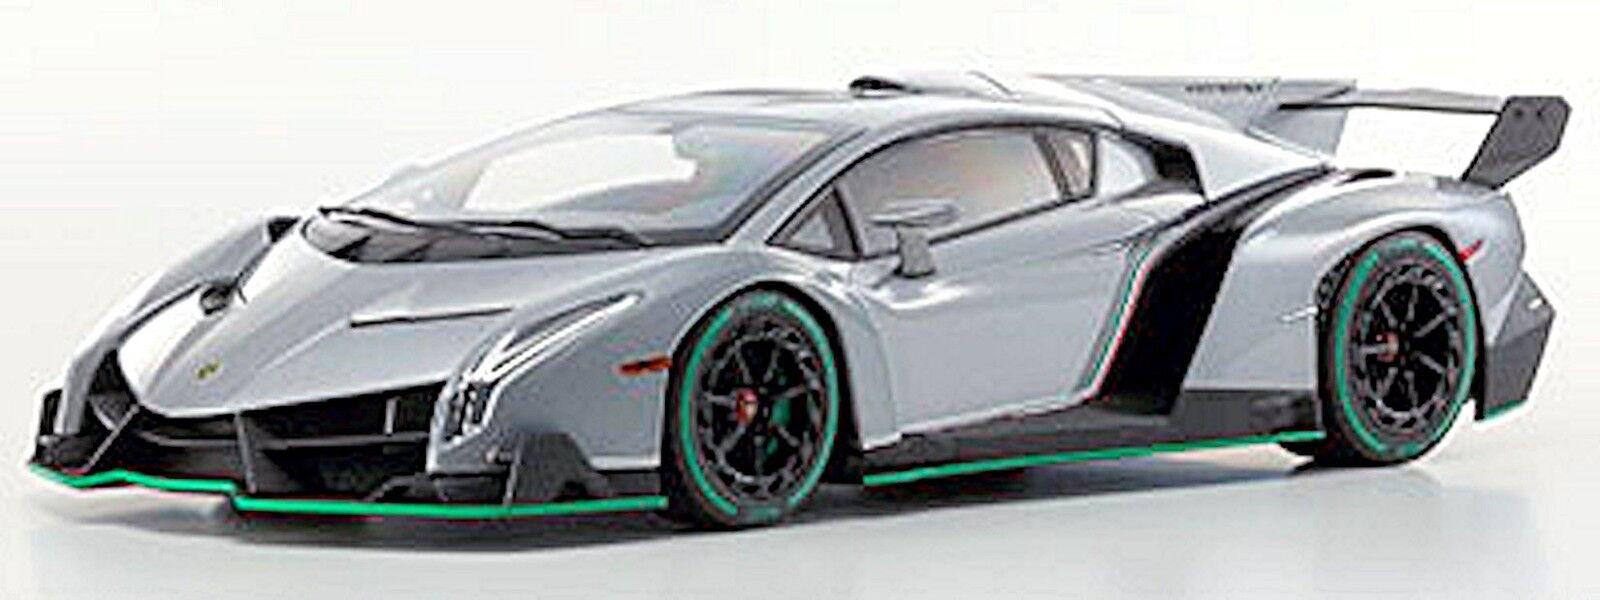 descuento de bajo precio Lamborghini Veneno Veneno Veneno Coupe 2013 gris verde Line 1 18 Kyosho  ventas de salida